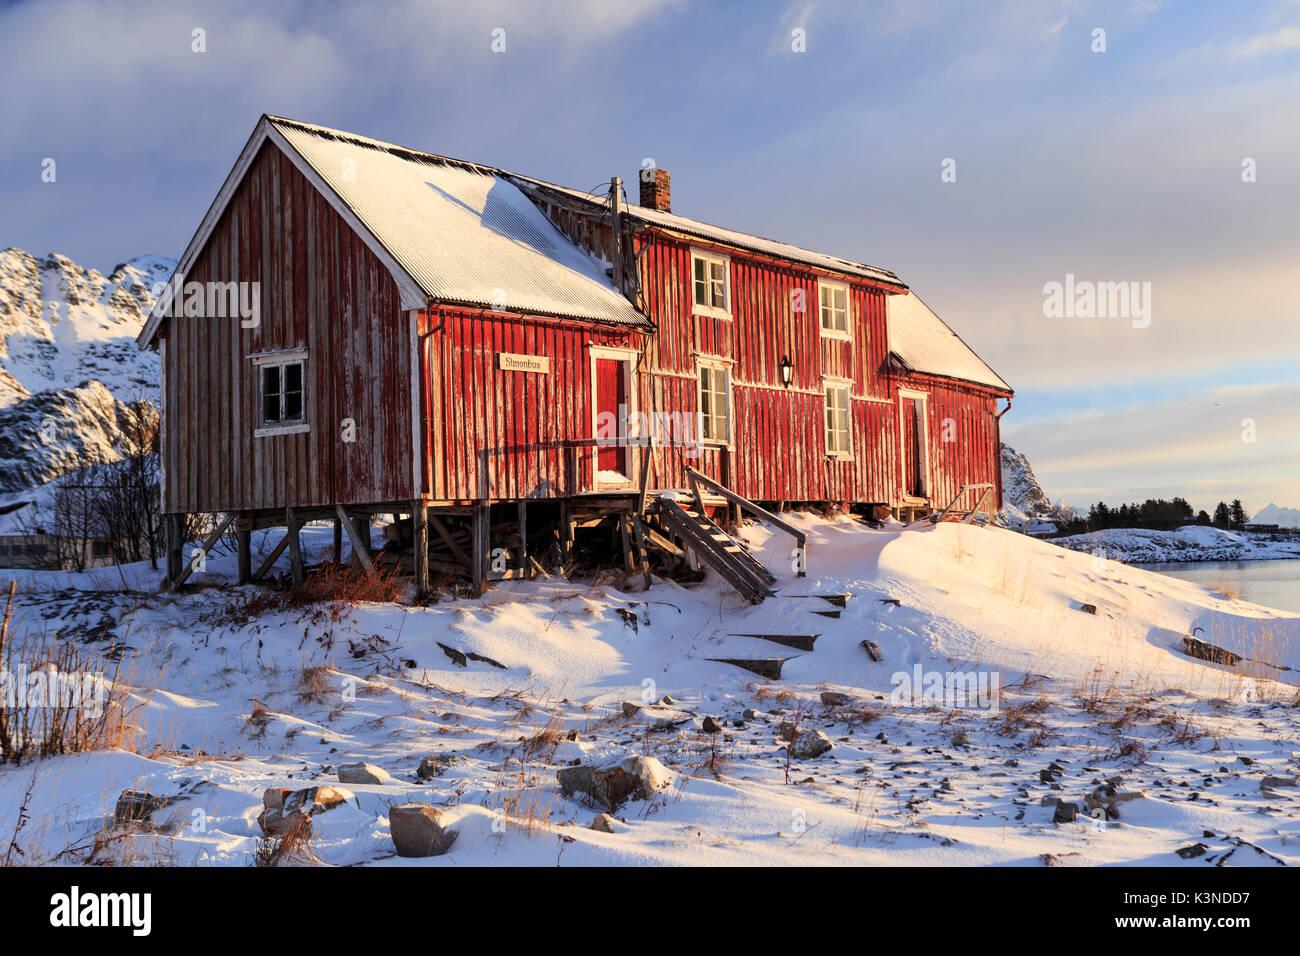 Fienile Rustico contro il sole di mattina,Henningsvaer villaggio di pescatori, Isole Lofoten in Norvegia Immagini Stock